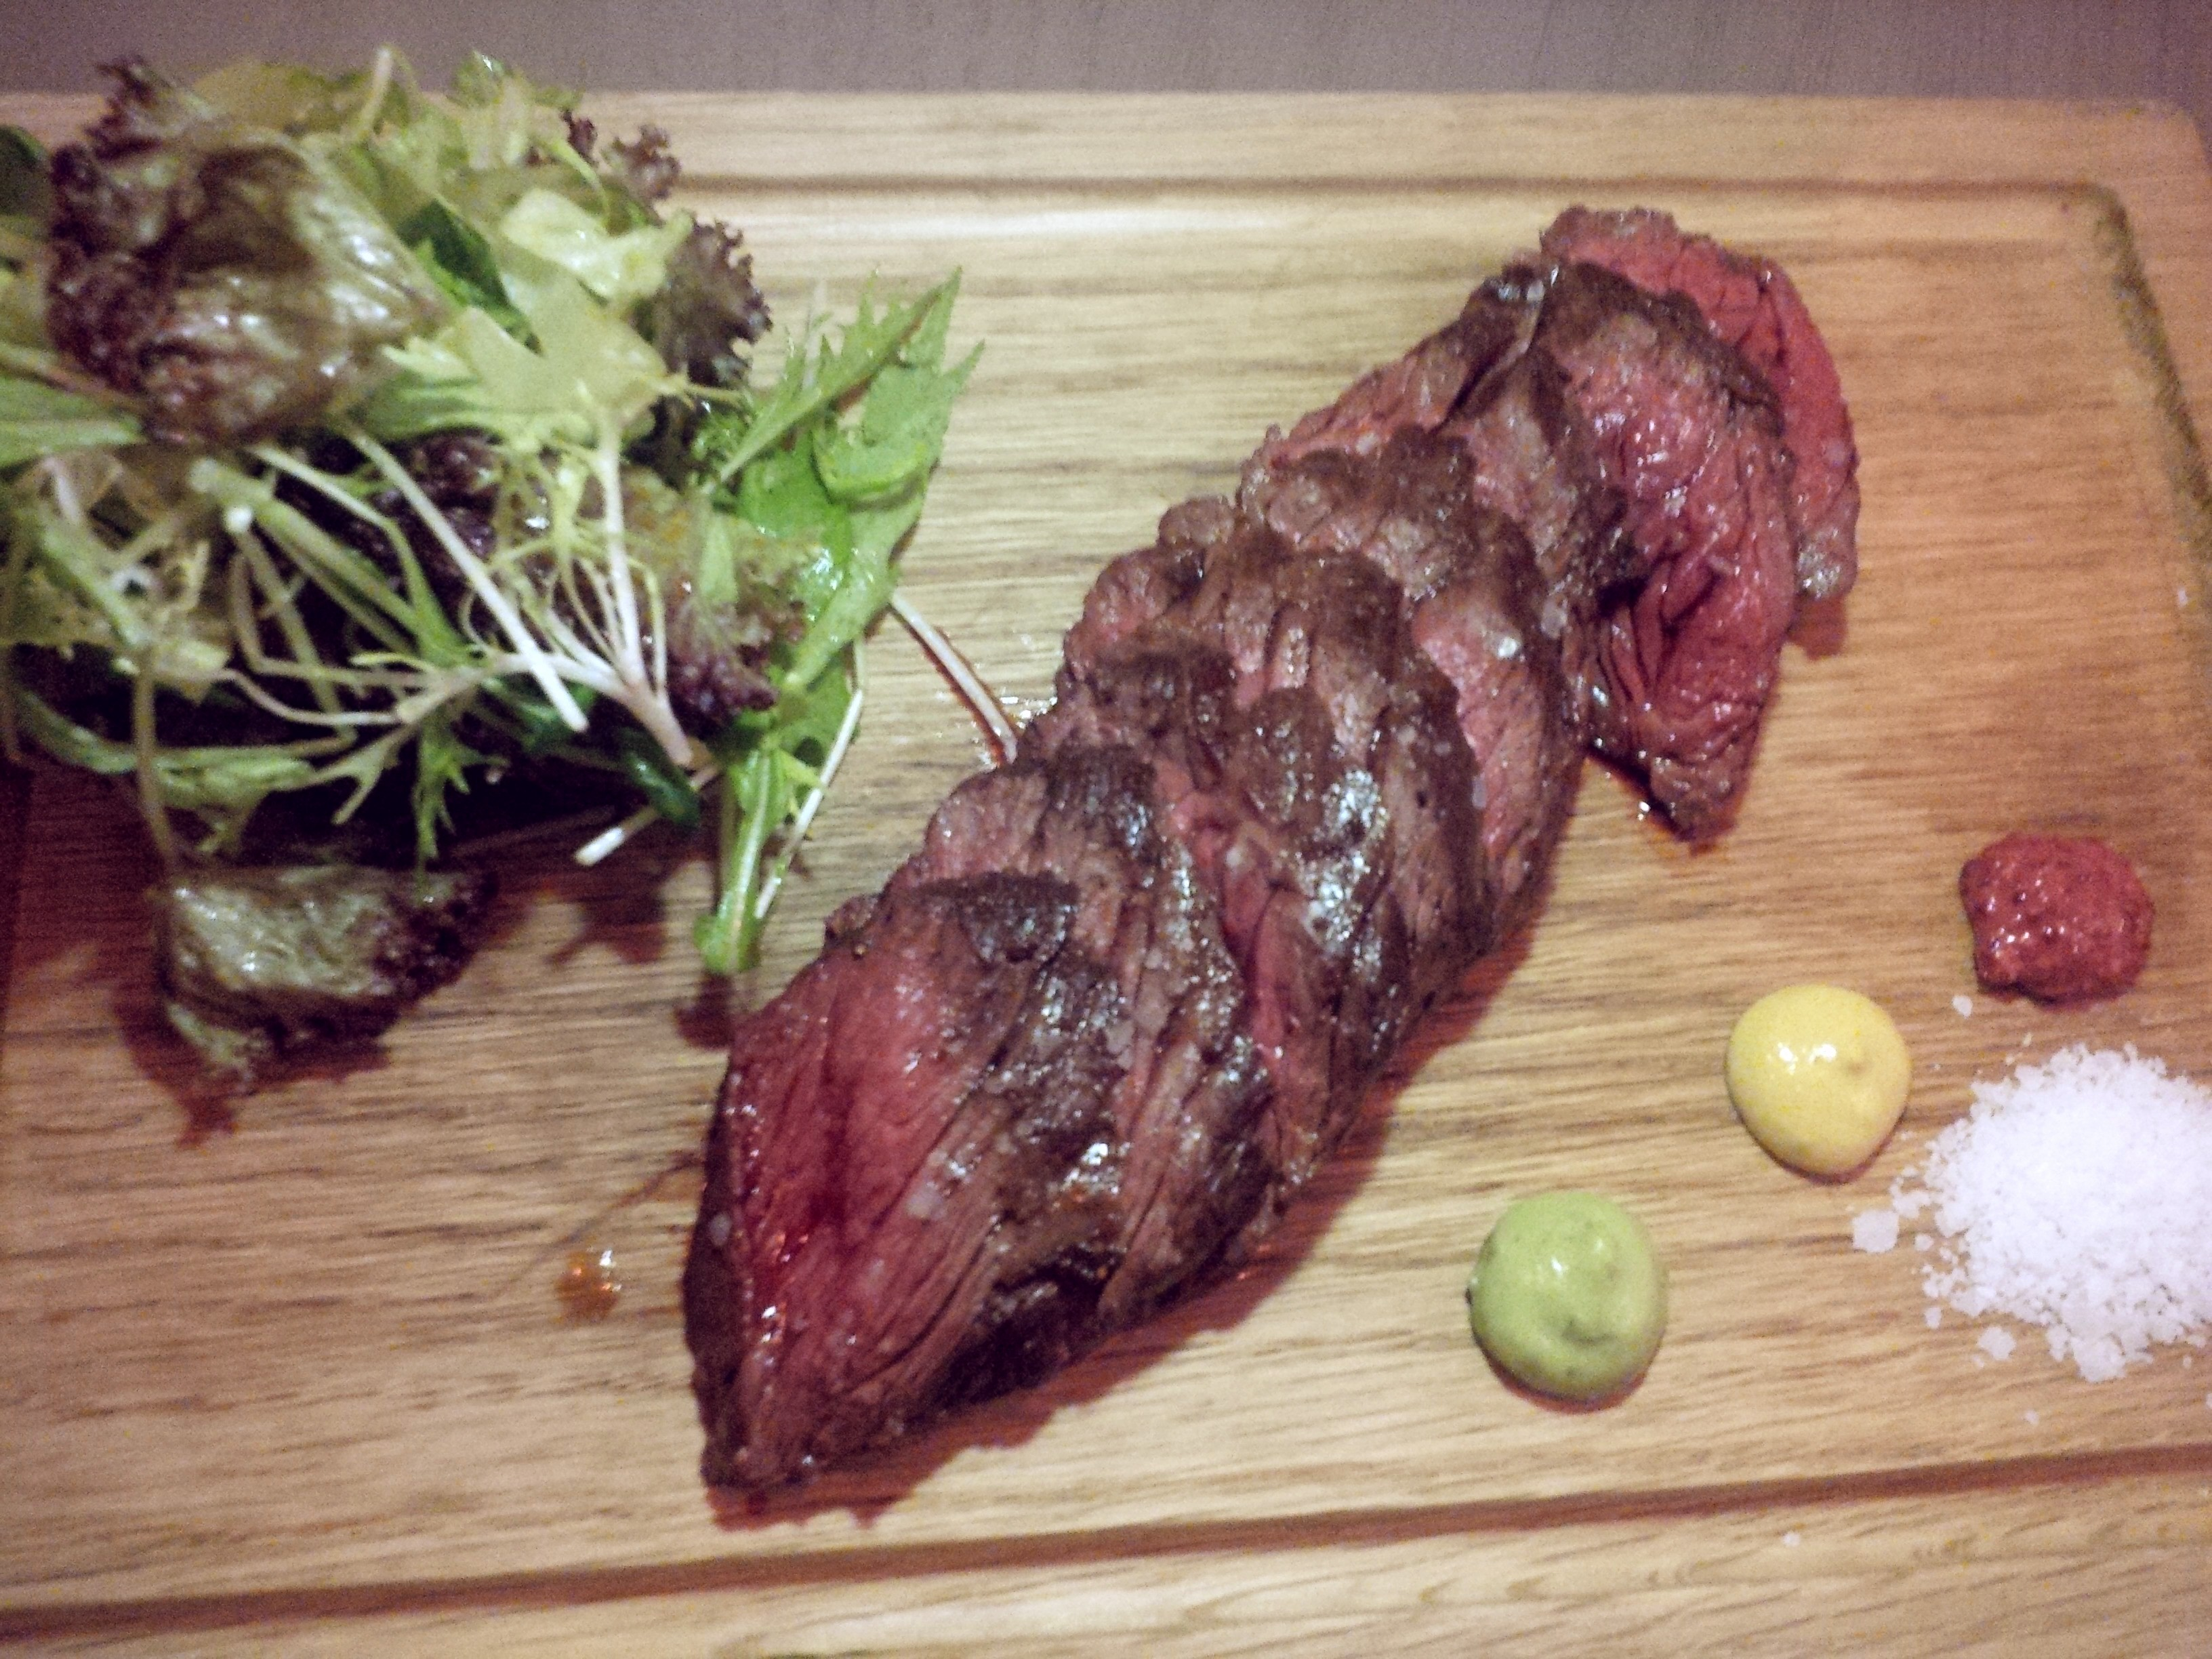 Grilled hanger steak was